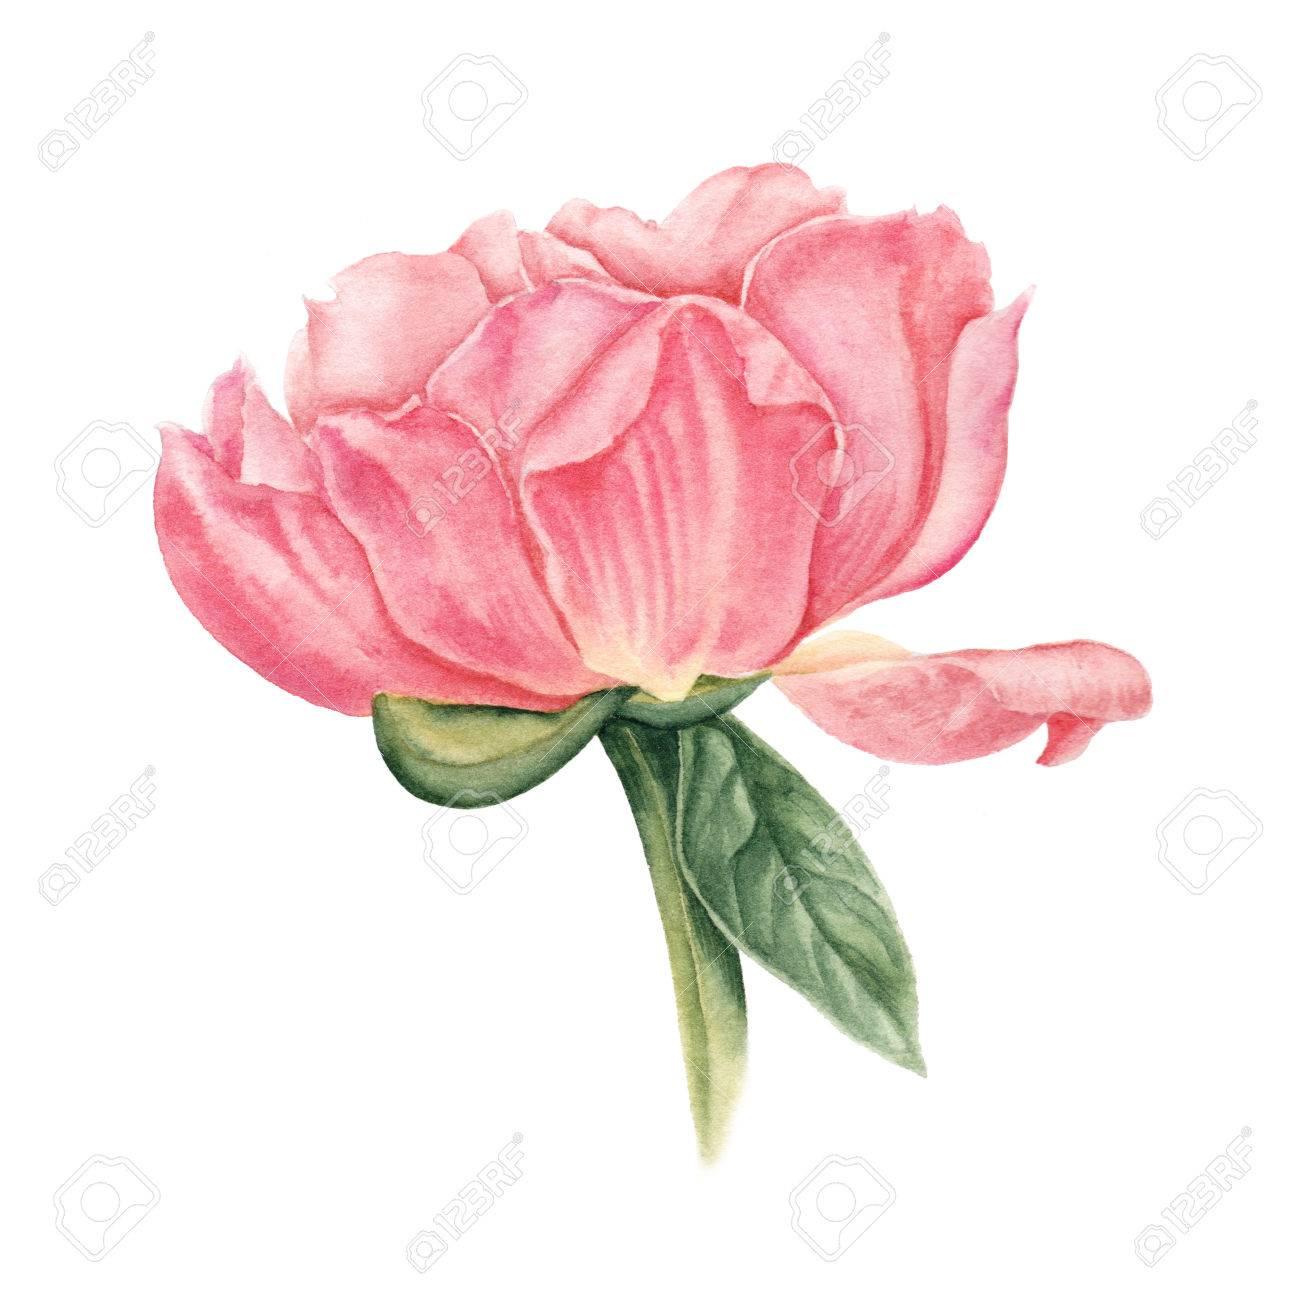 Belle Rose Pivoine Couleur Saumon Illustration Botanique Aquarelle Dessinés à La Main Isolé Sur Fond Blanc Illustration Botanique Aquarelle De